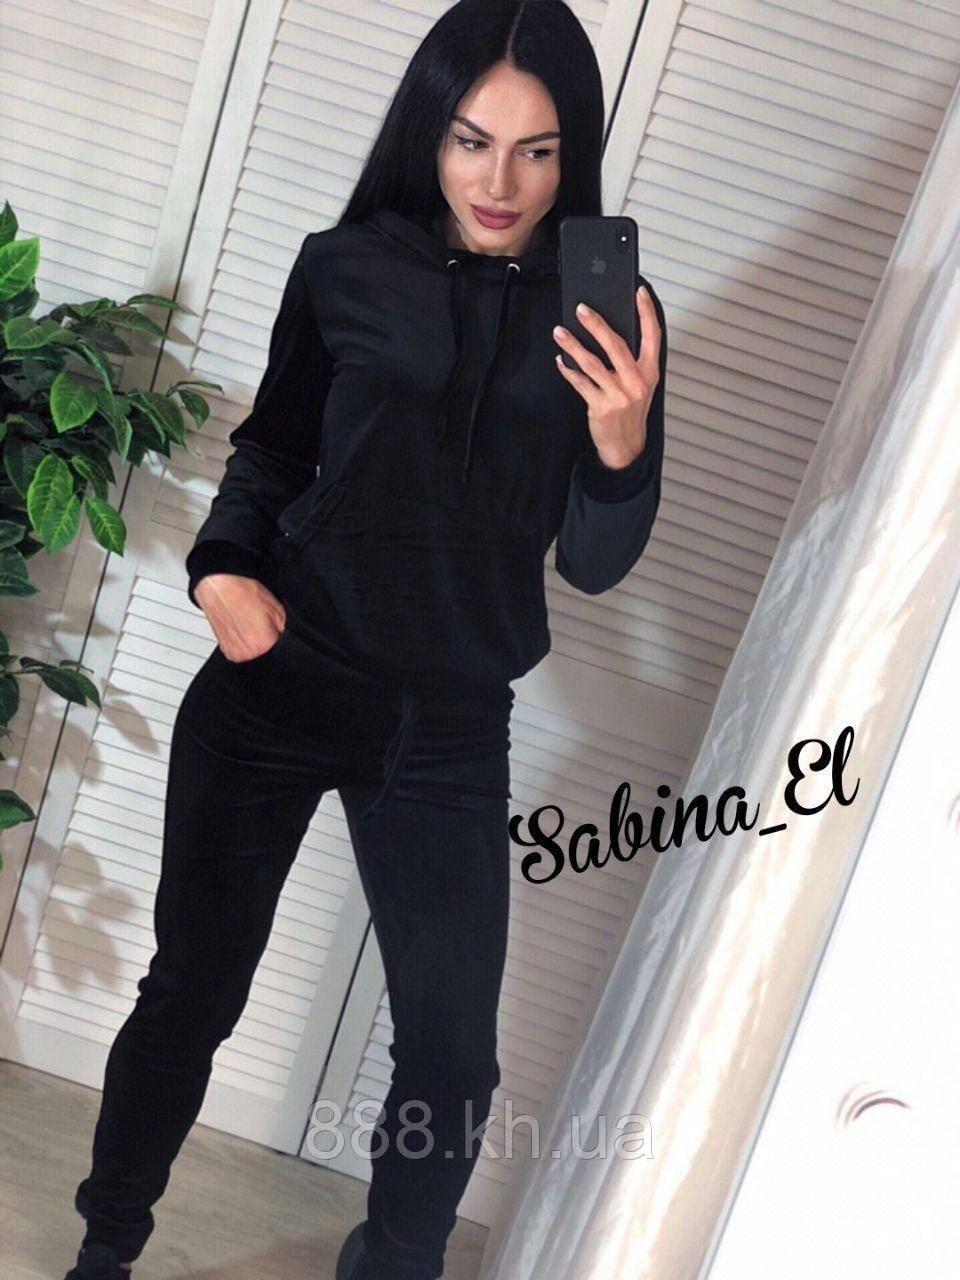 Стильный спортивный костюм, бархат люкс , 42-44, 46-48 рр, цвет черный